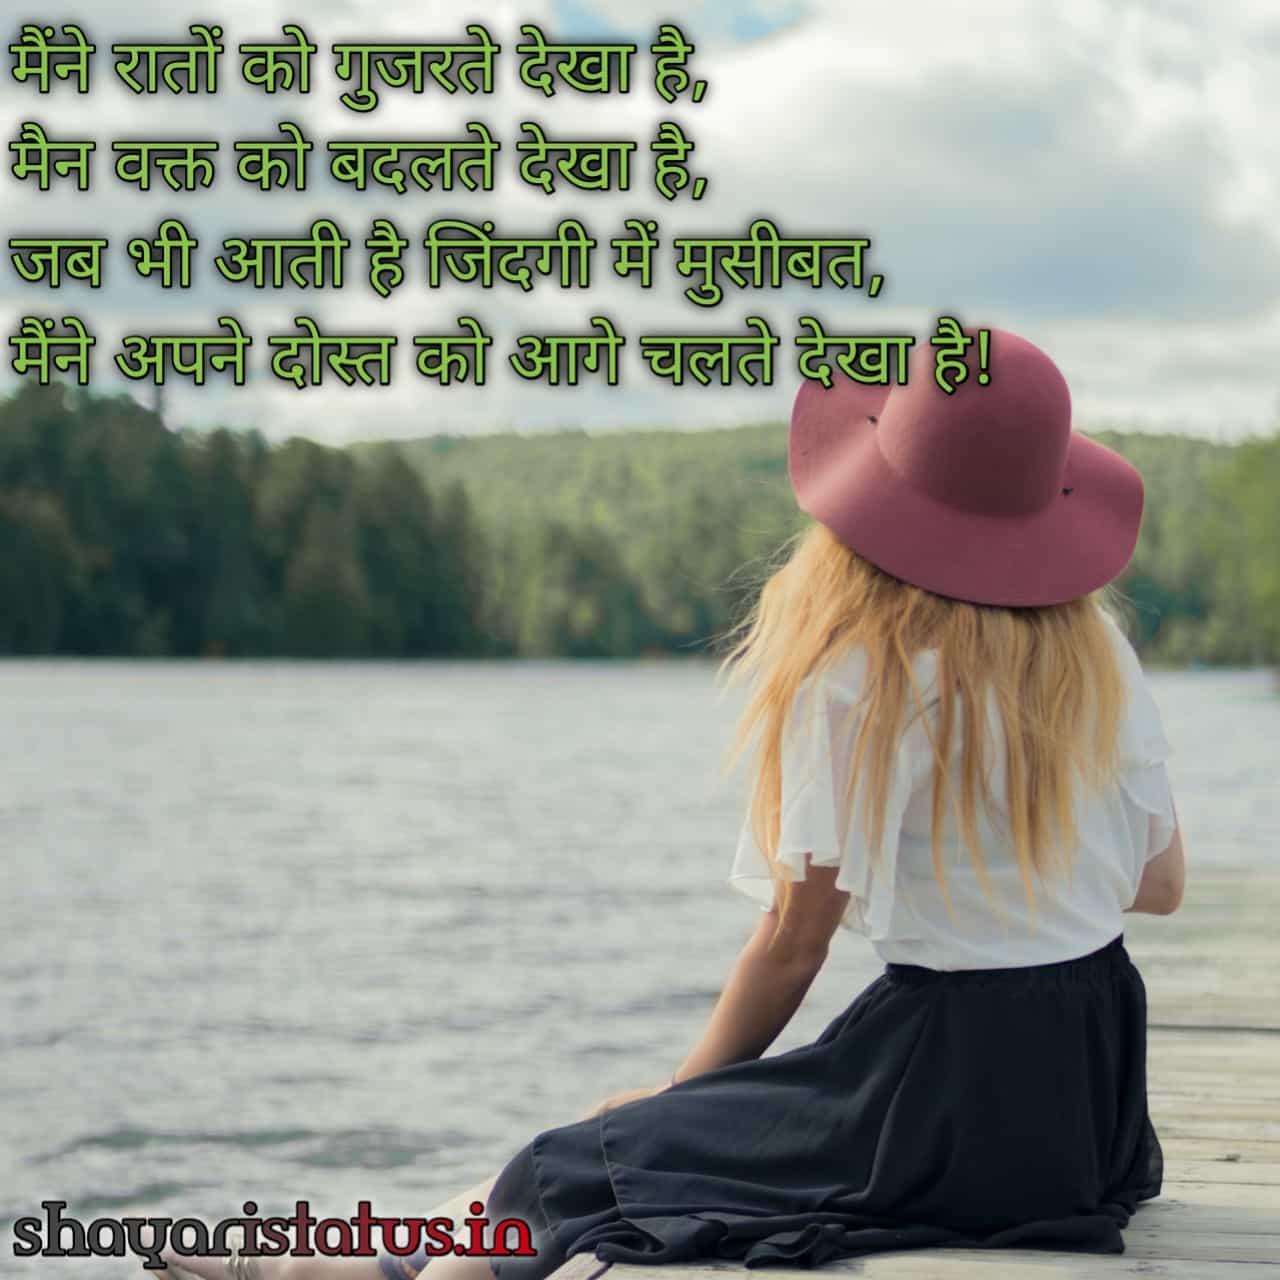 Dosti Shayari In English